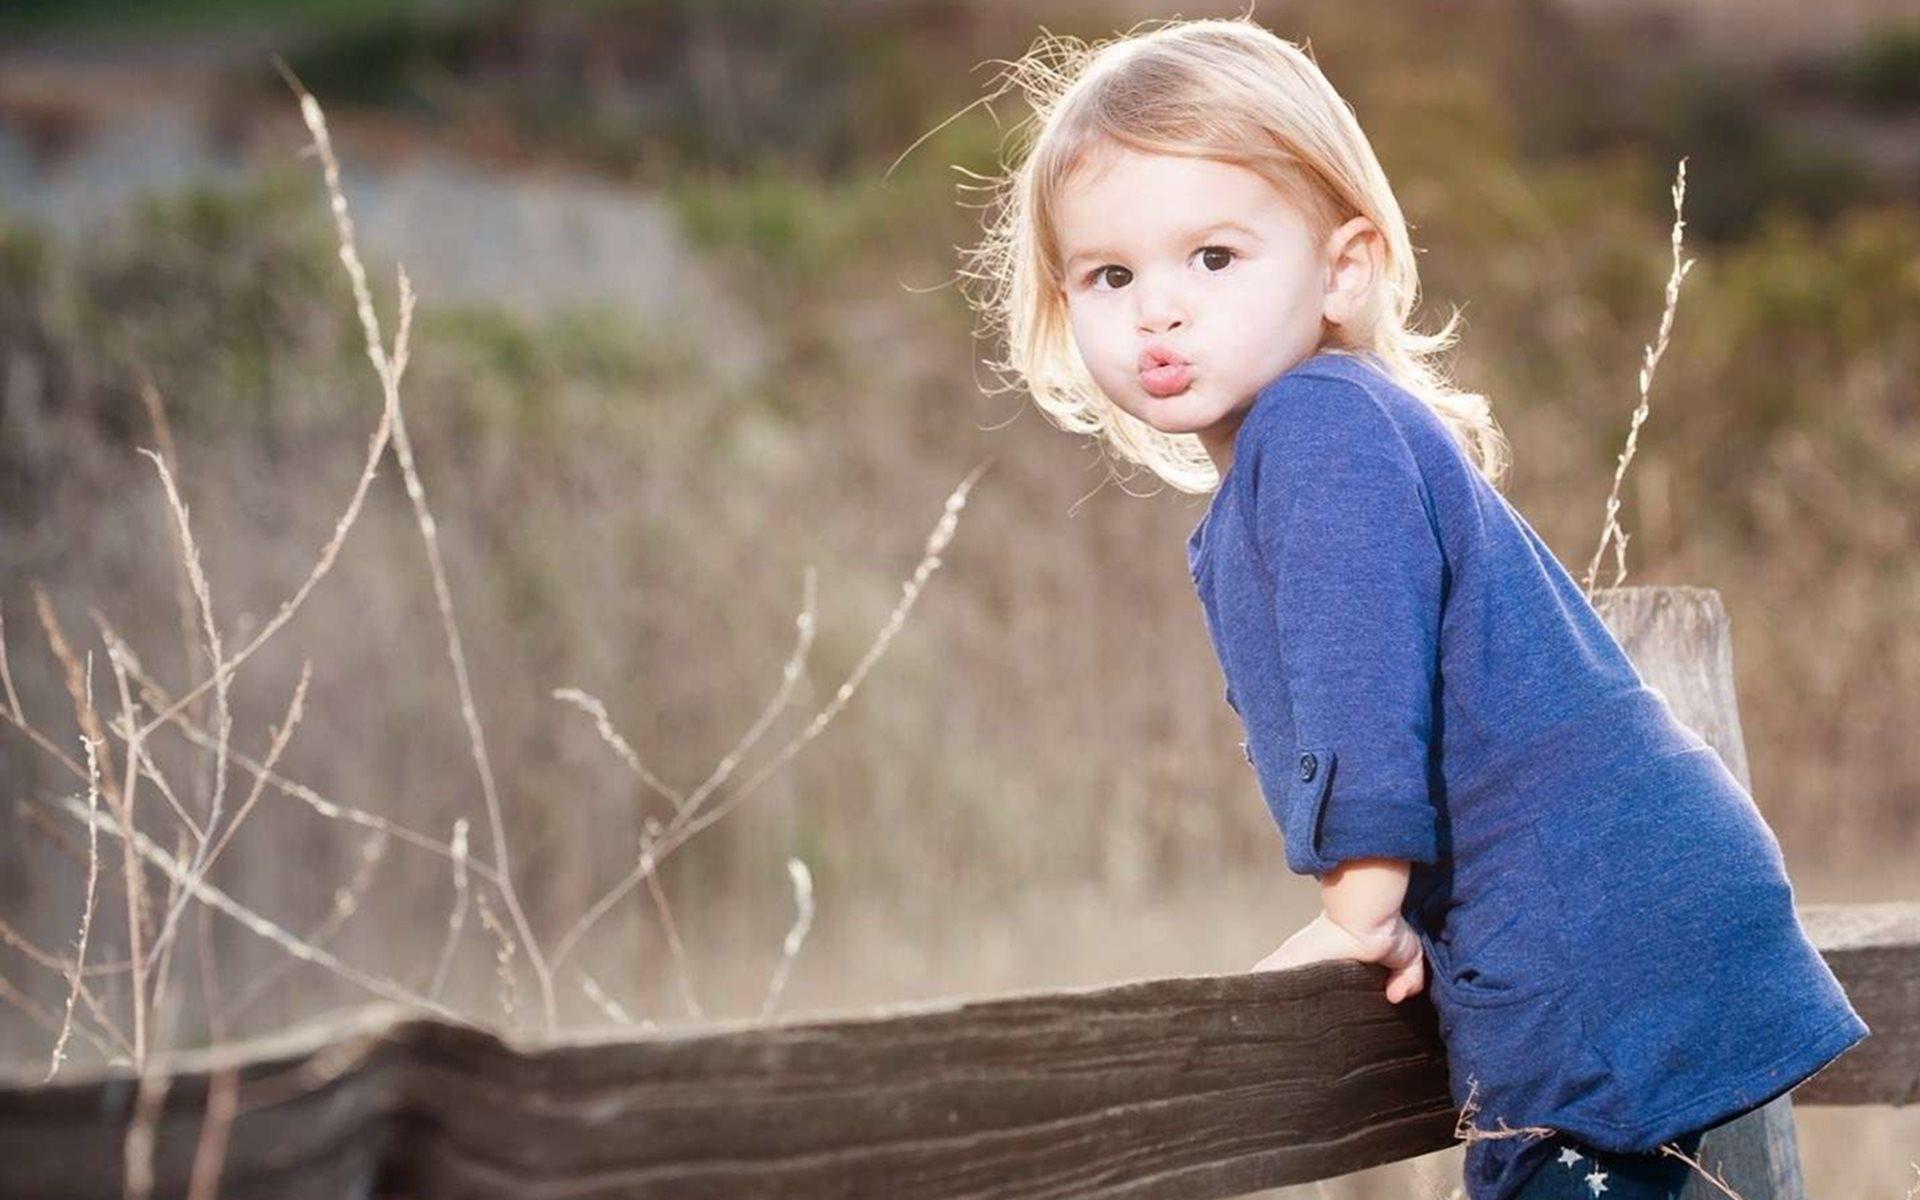 صوره صور عن الاطفال , صور اطفال جميلة